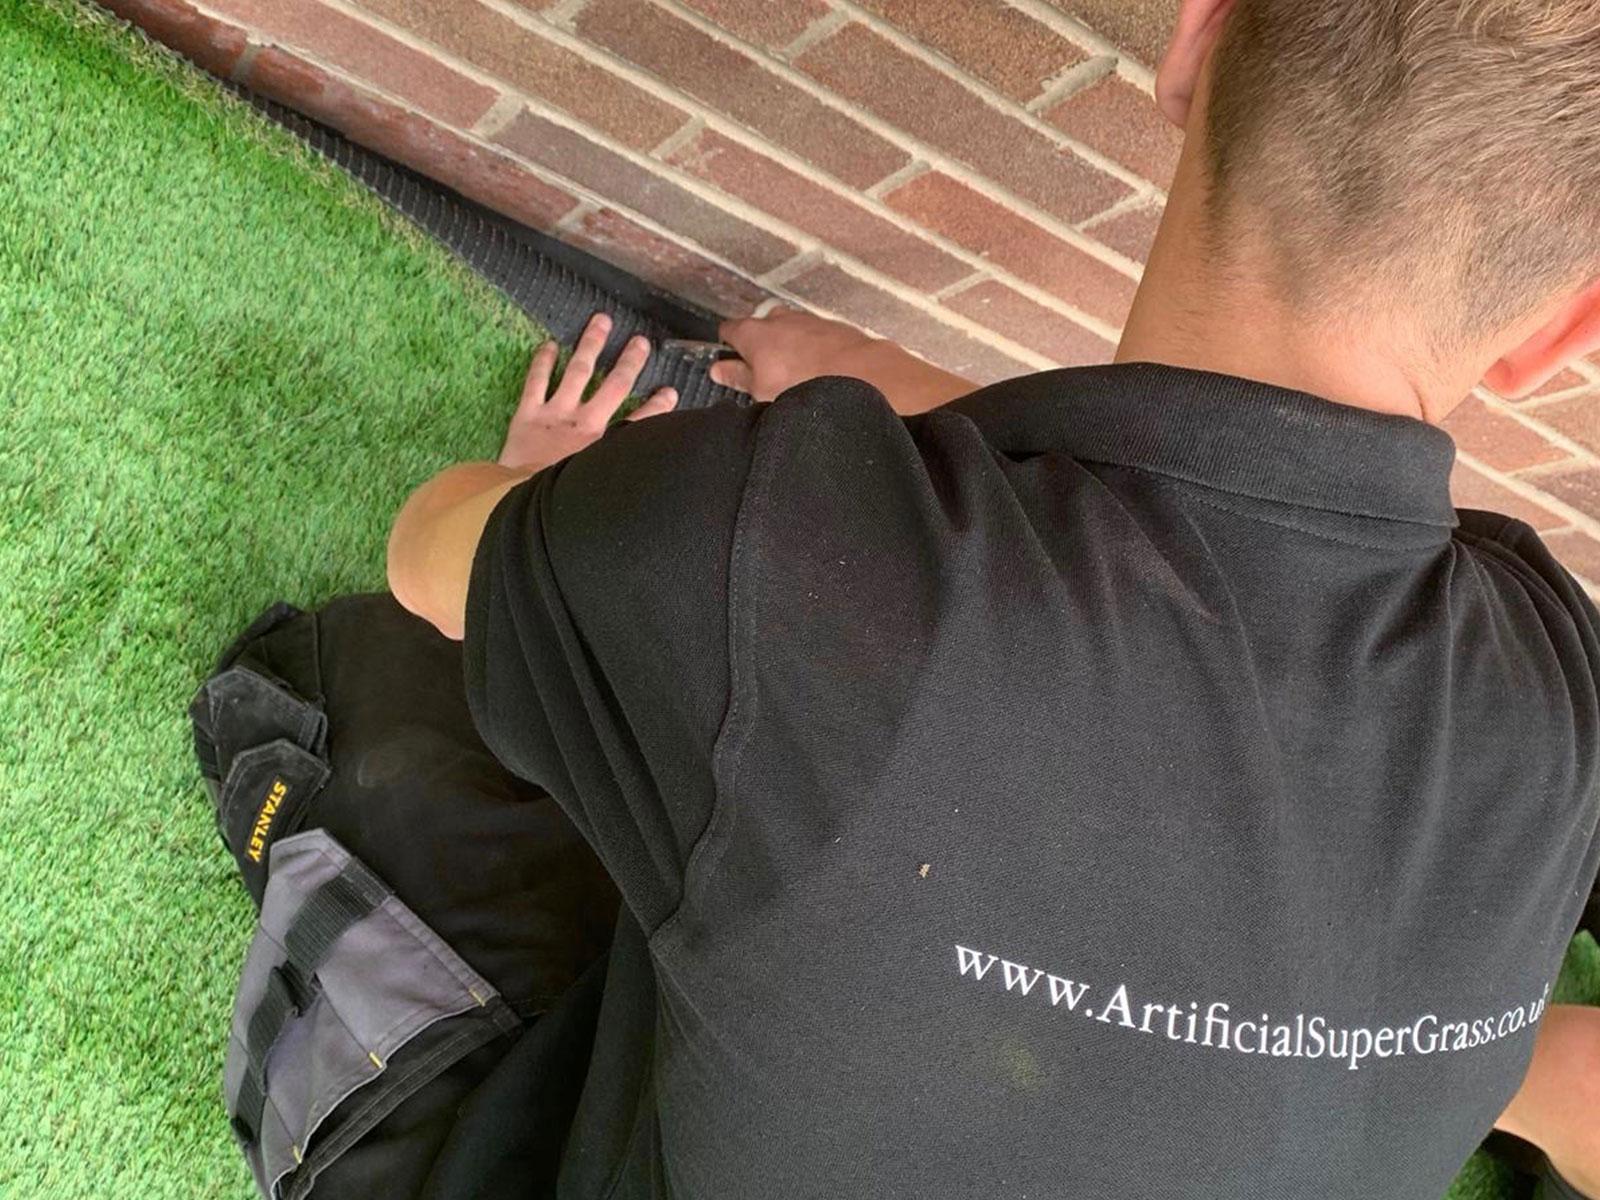 Best Quality Artificial Grass Derbyshire Artificial Super Grass